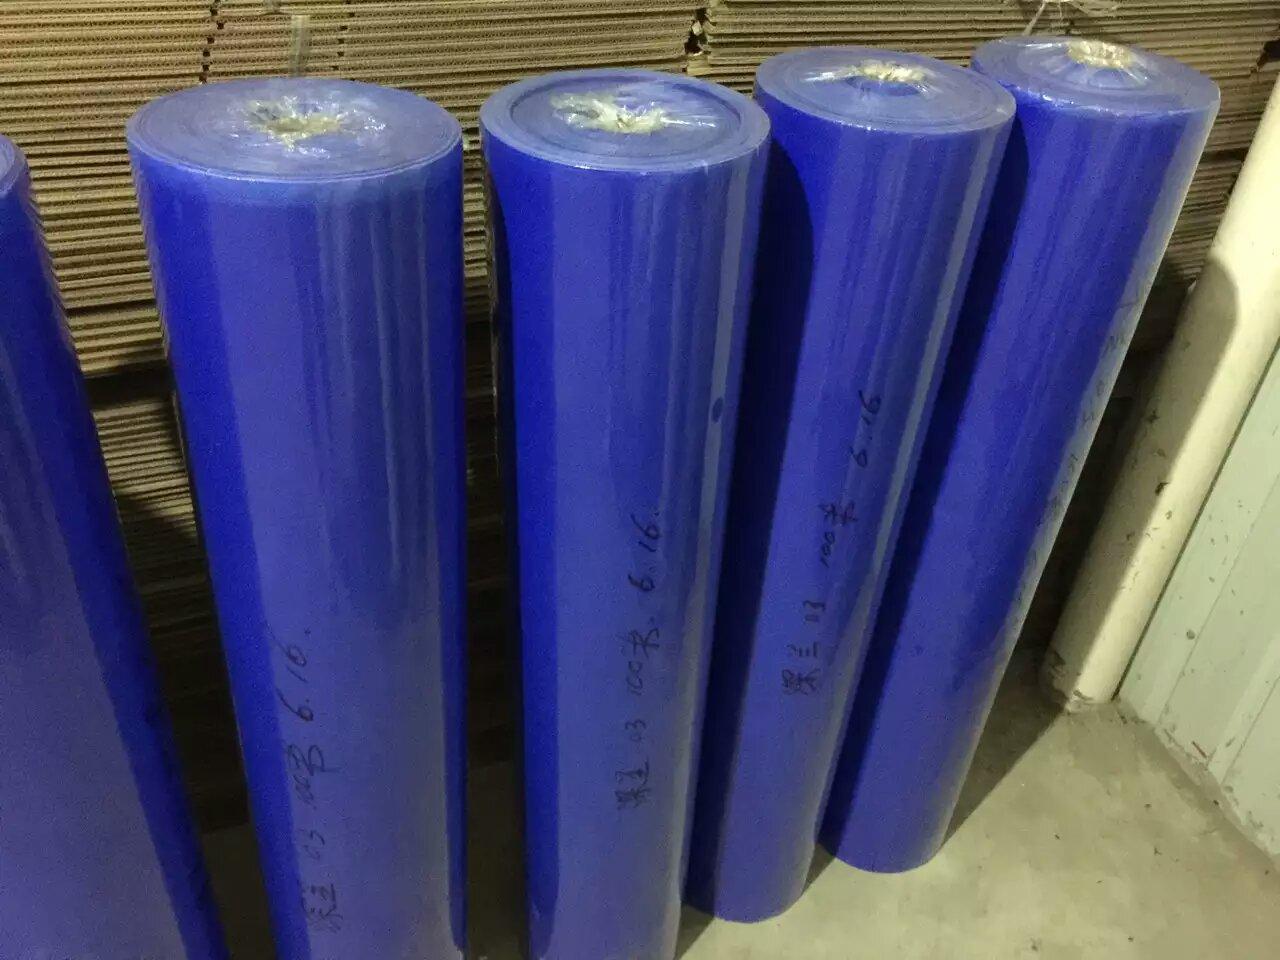 臻博玻纤防火布价格商机-涂胶防火布-防火涂胶布